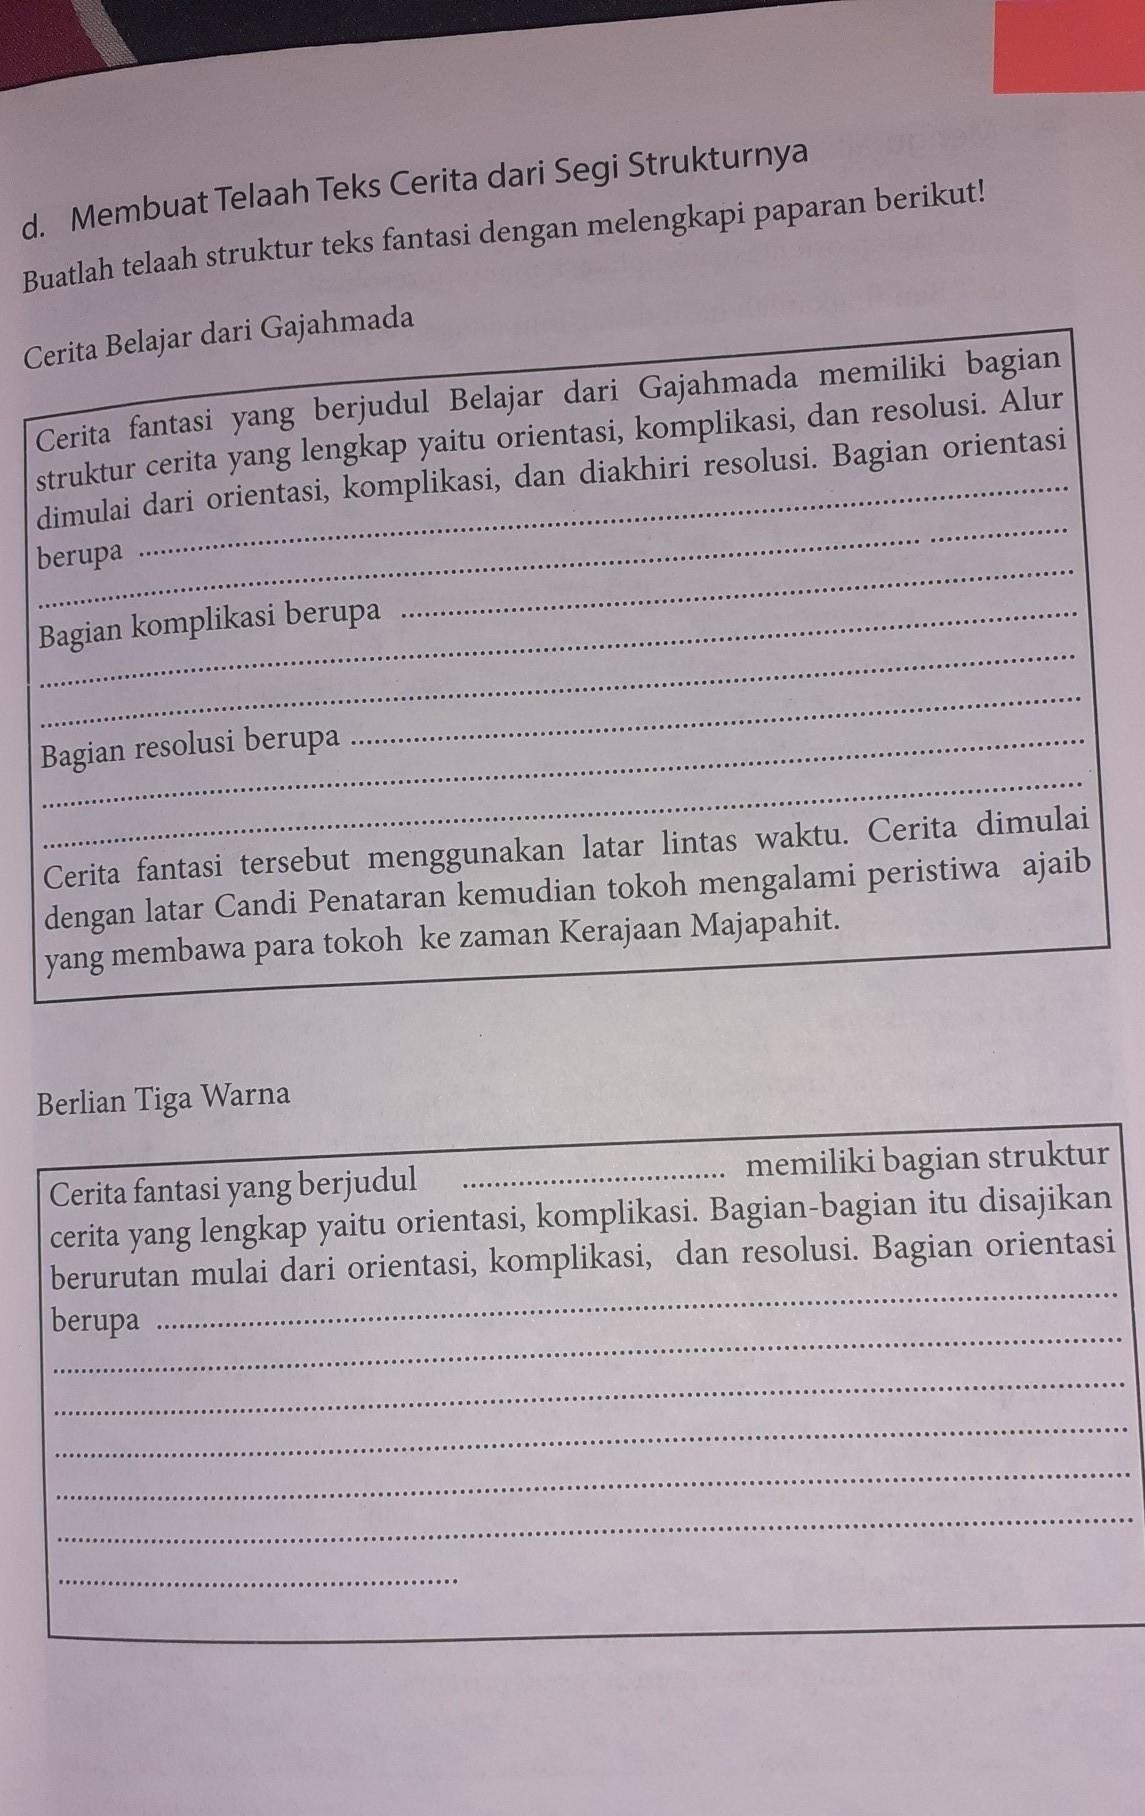 Jawaban Buku Paket Kelas 7 Bahasa Indonesia Hal 67 Brainly Co Id